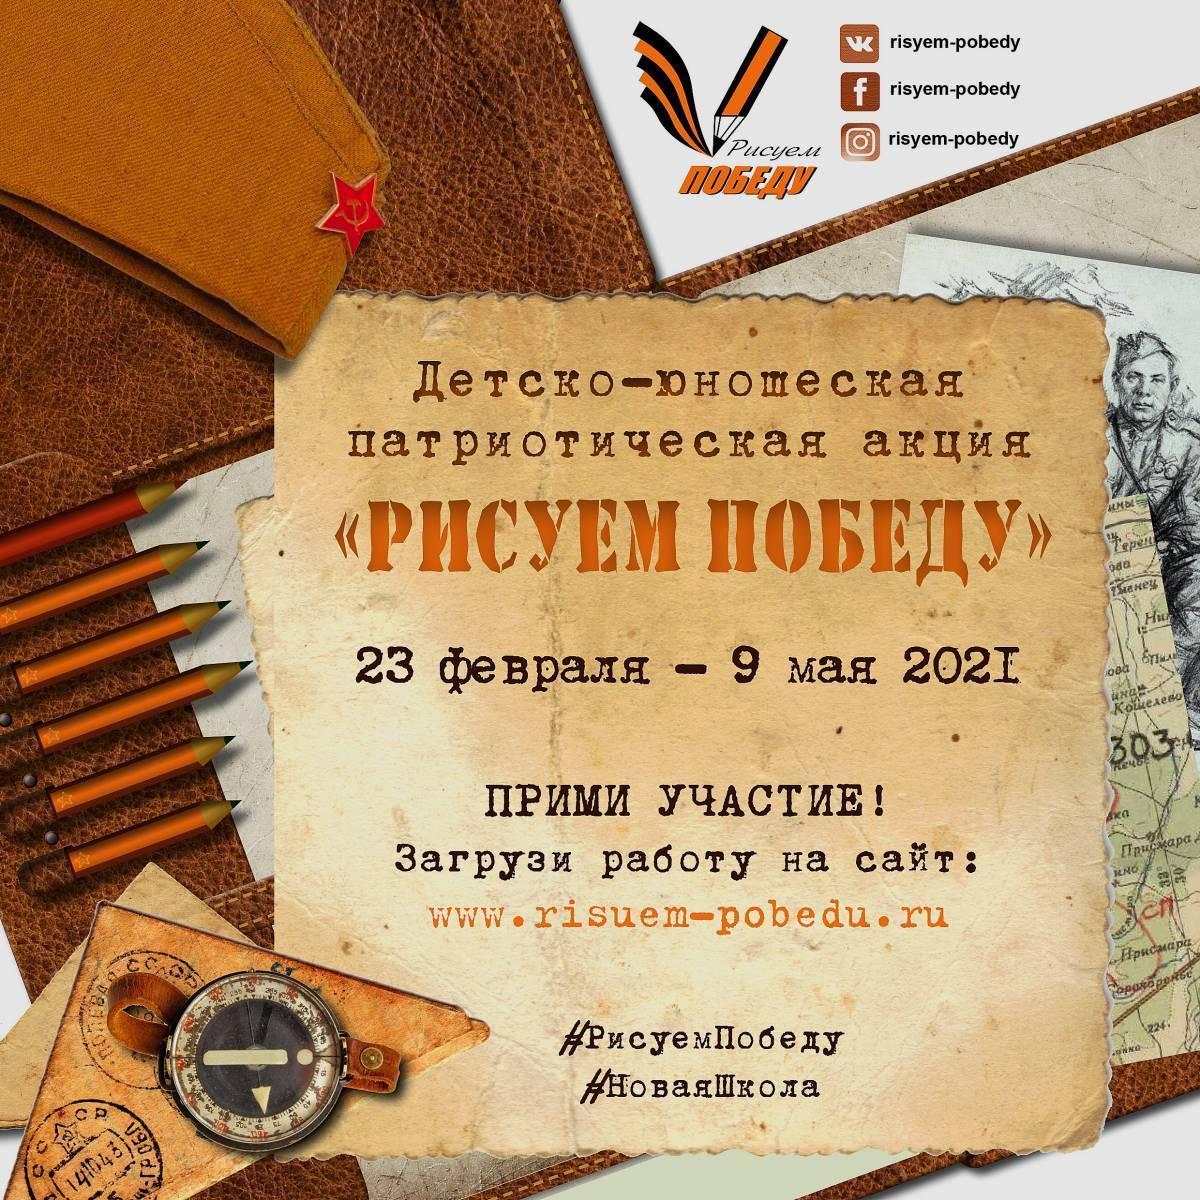 До 1 мая продолжается прием работ на конкурс детского творчества «Рисуем Победу»